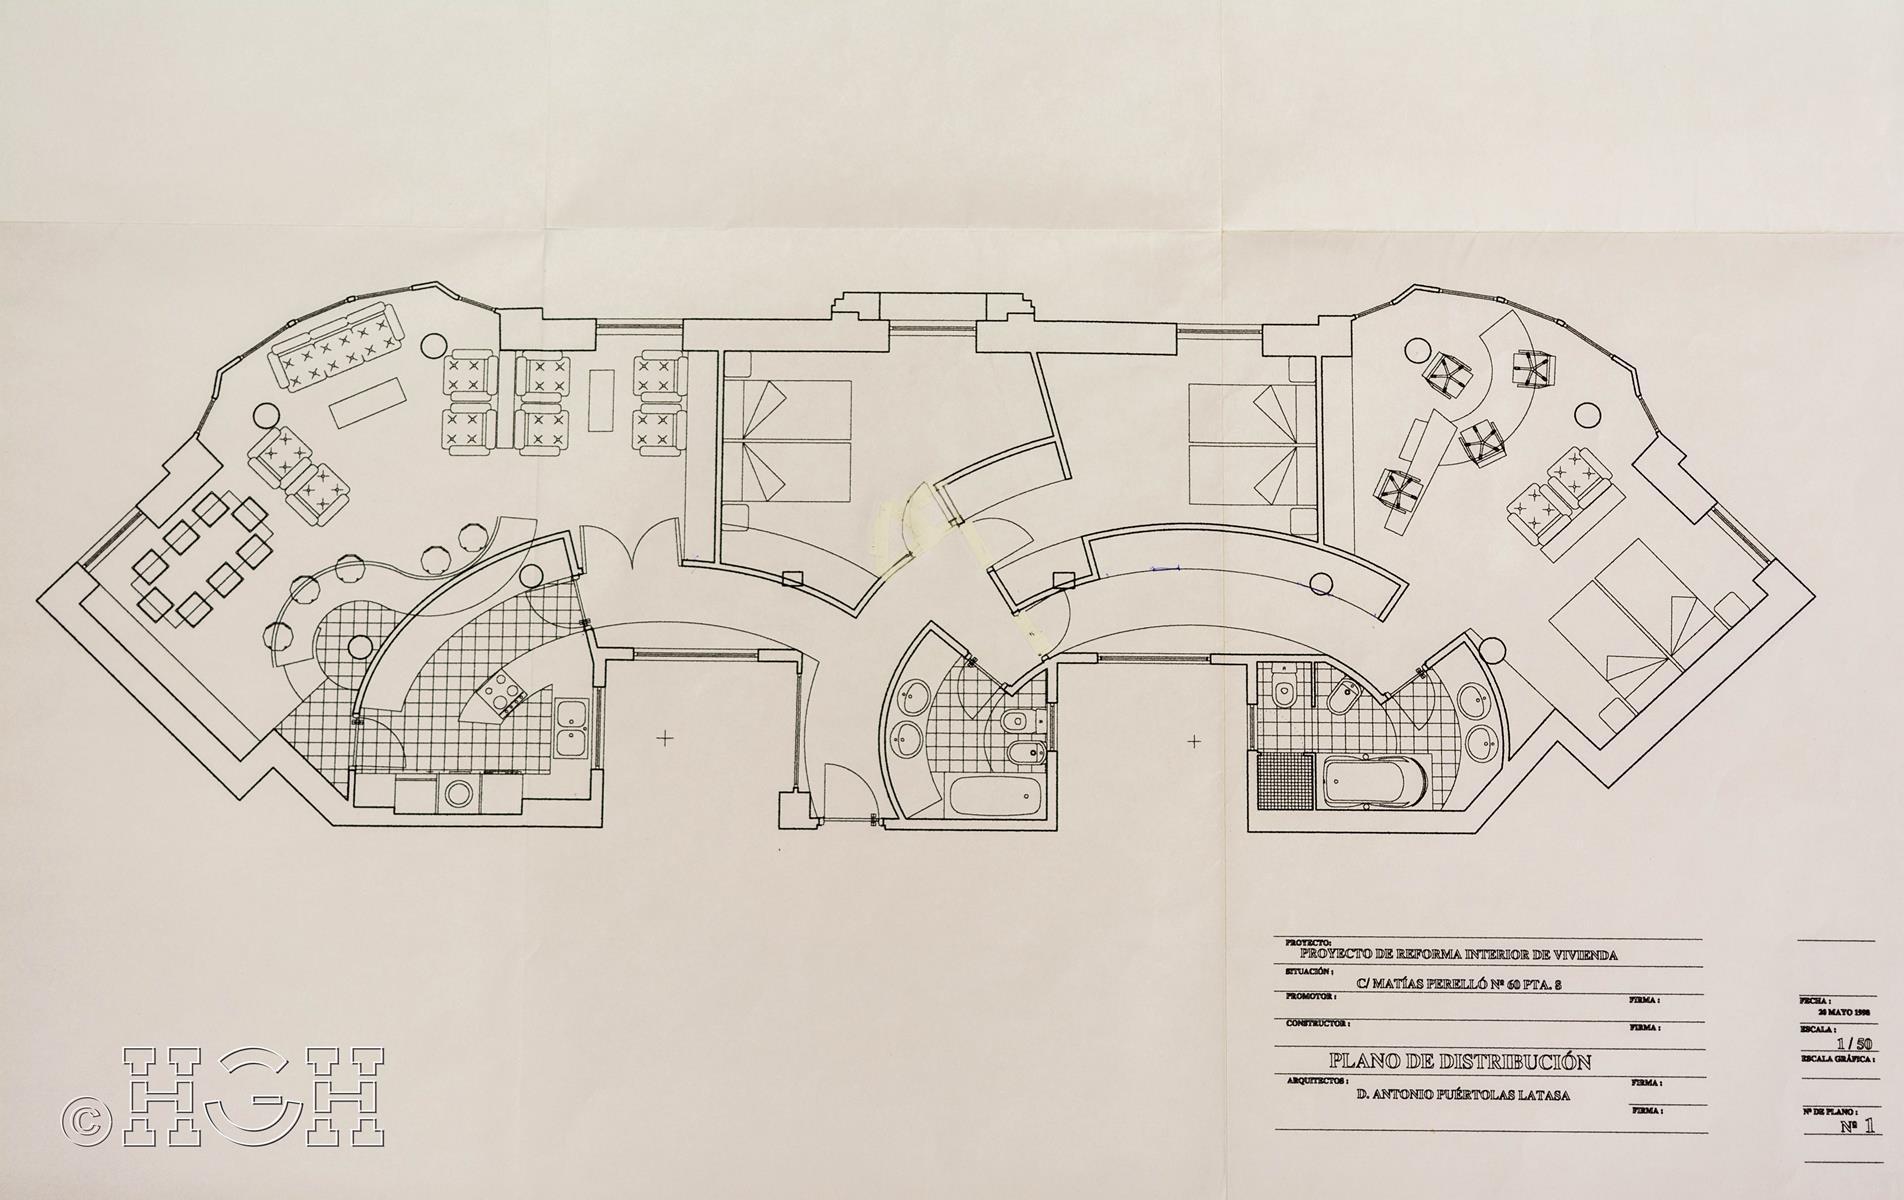 Plano de distribución final de piso en barrio ensanche, ruzafa, Valencia. Proyecto realizado íntegramente por Global Home Happiness.